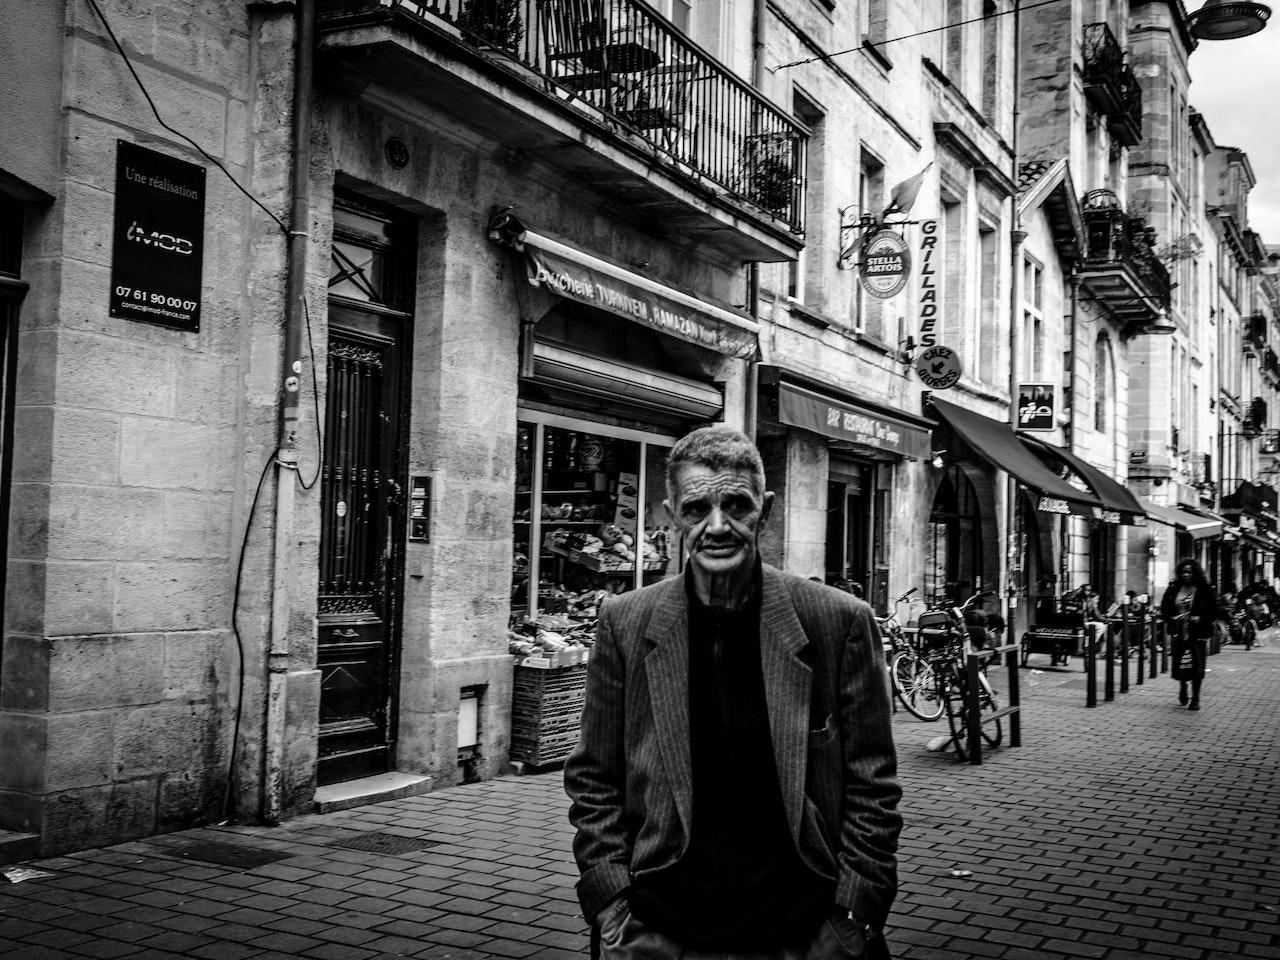 OldMan-Streets